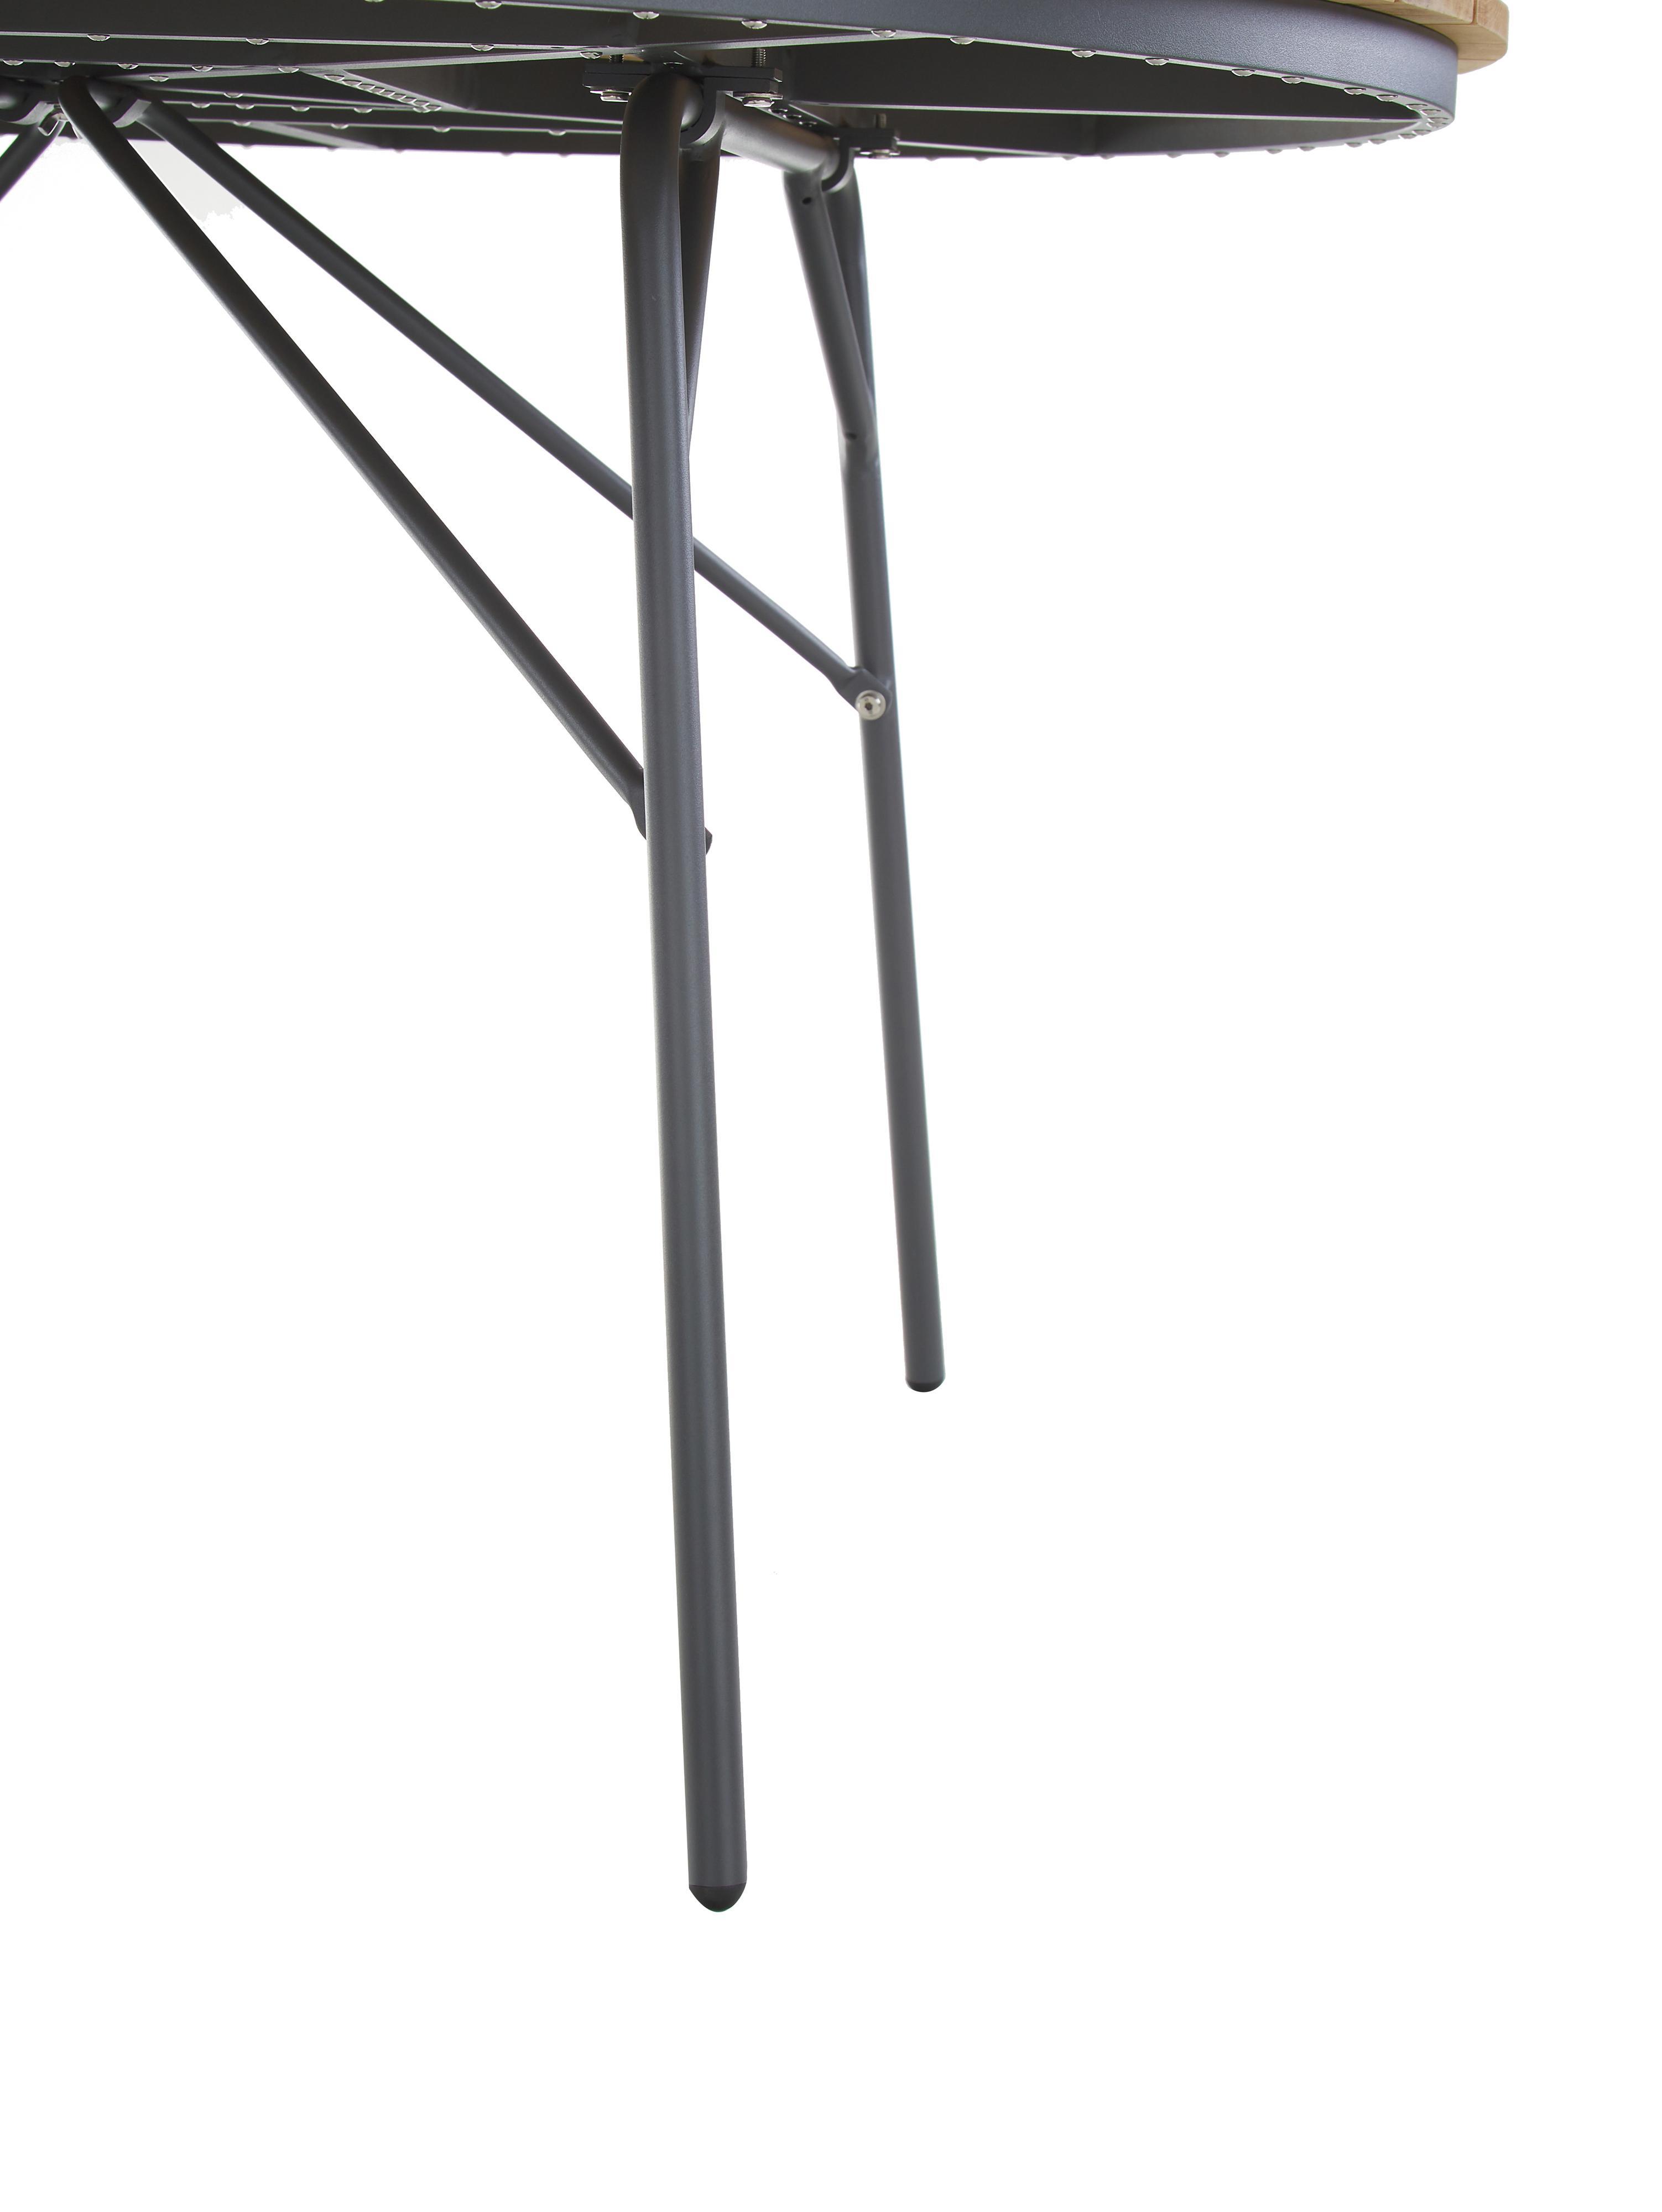 Ronde tuintafel Hard & Ellen van hout, Tafelblad: gepolijst teakhout, Frame: gepoedercoat aluminium, Antraciet, teakhoutkleurig, Ø 130 x H 73 cm